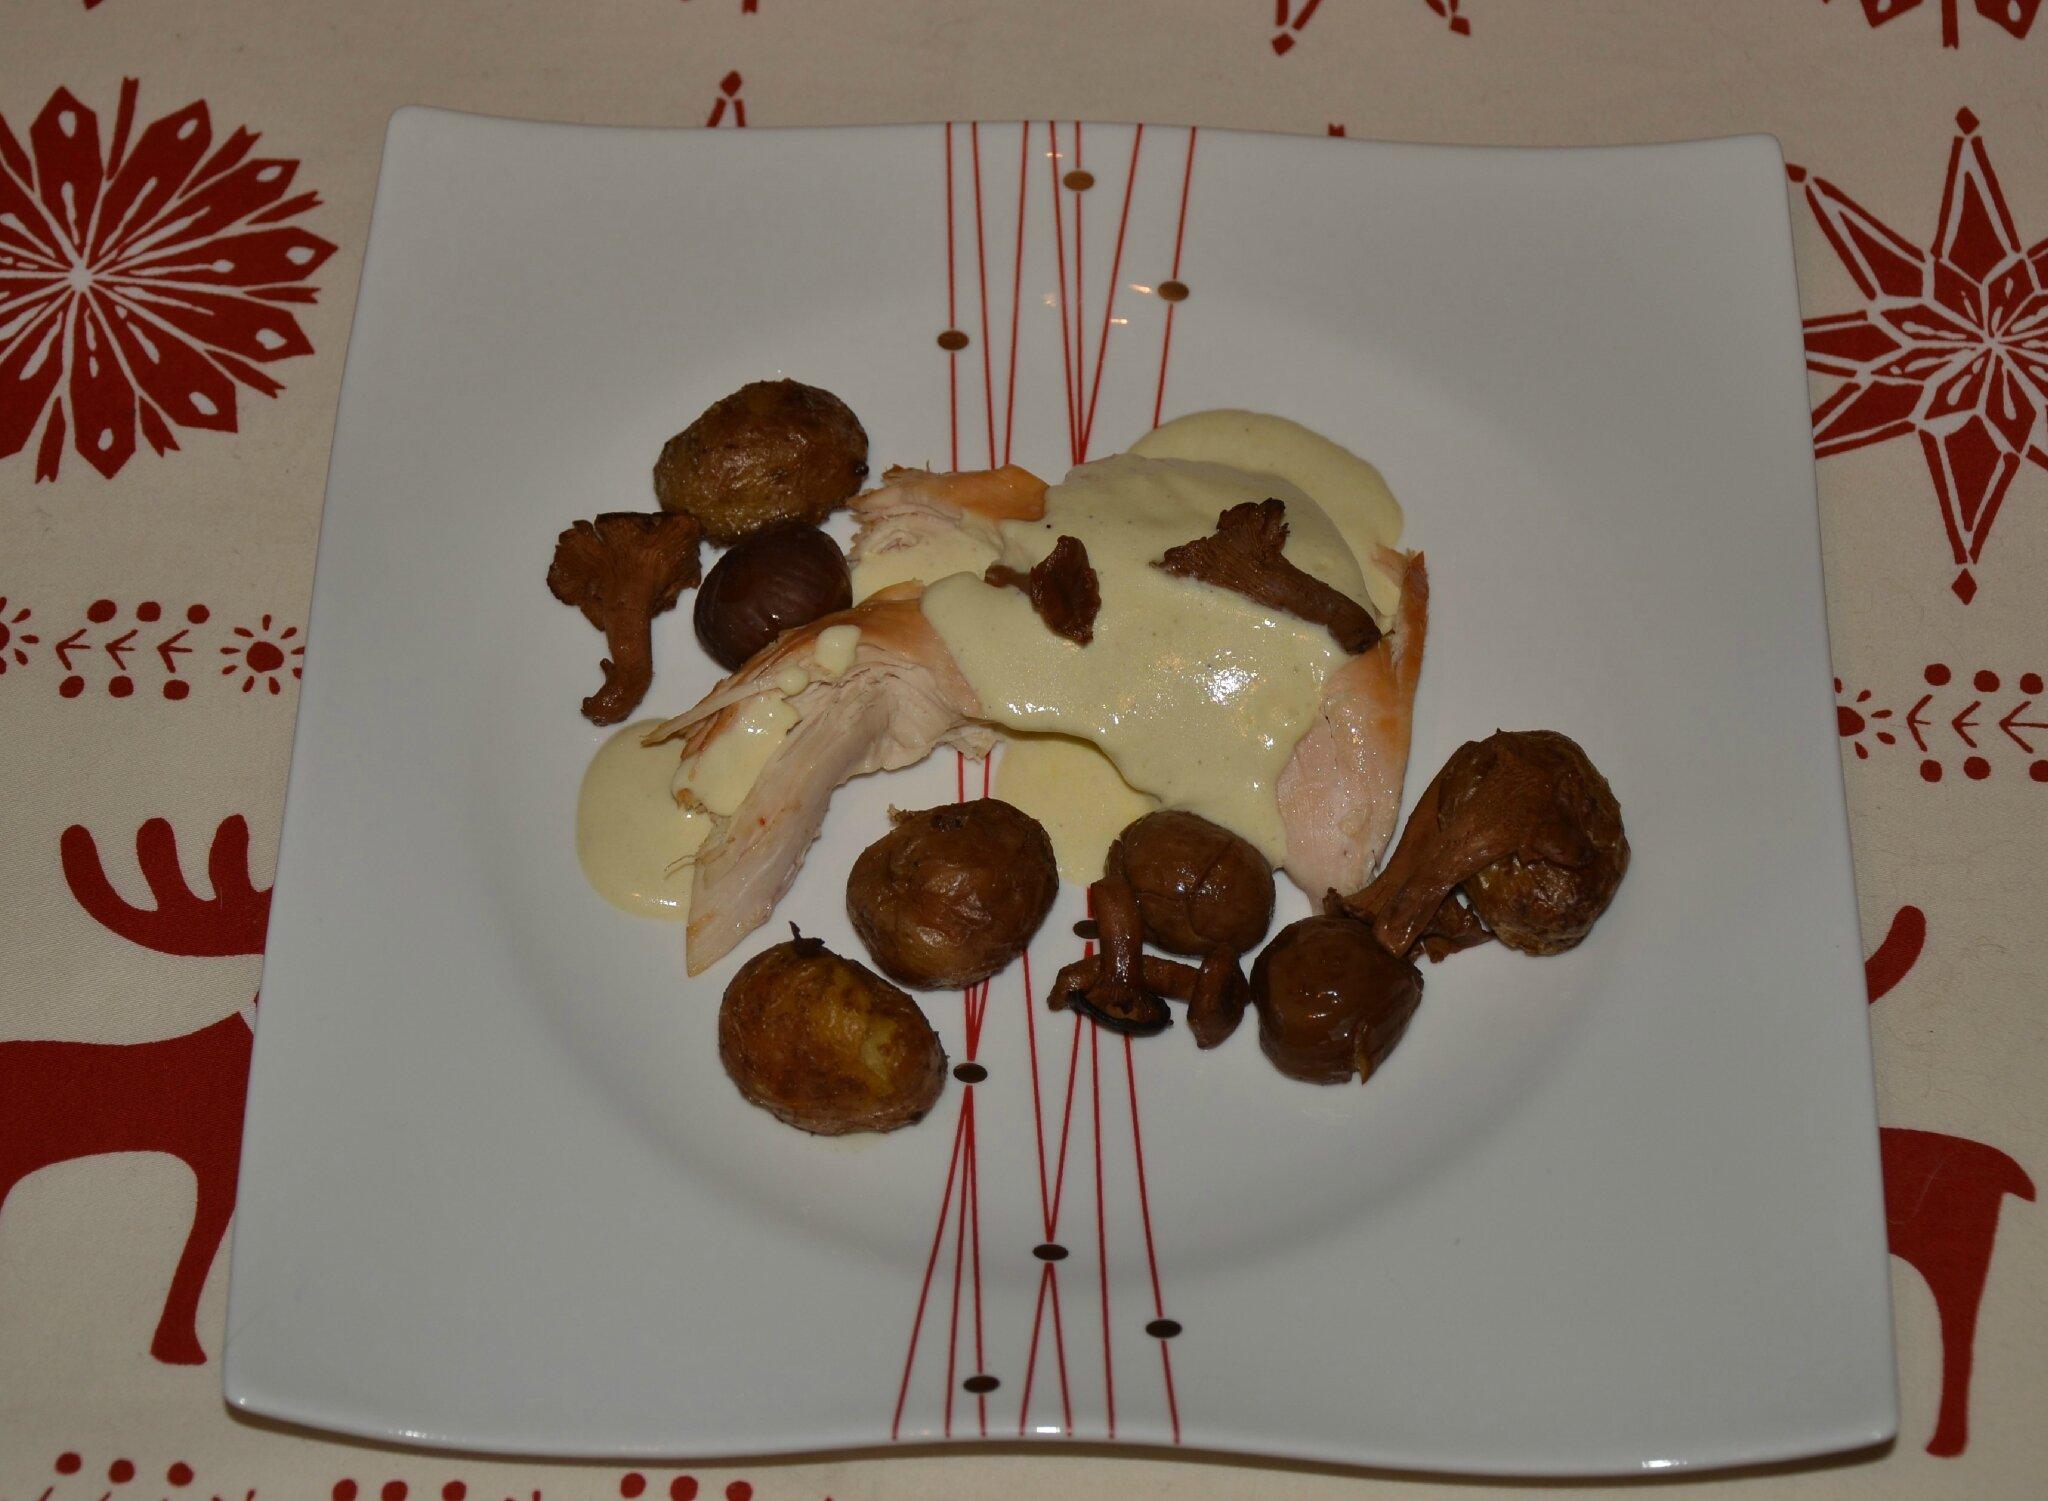 Chapon de Noël, pomme de terre grenailles, girolles, marrons et sauce au foie gras